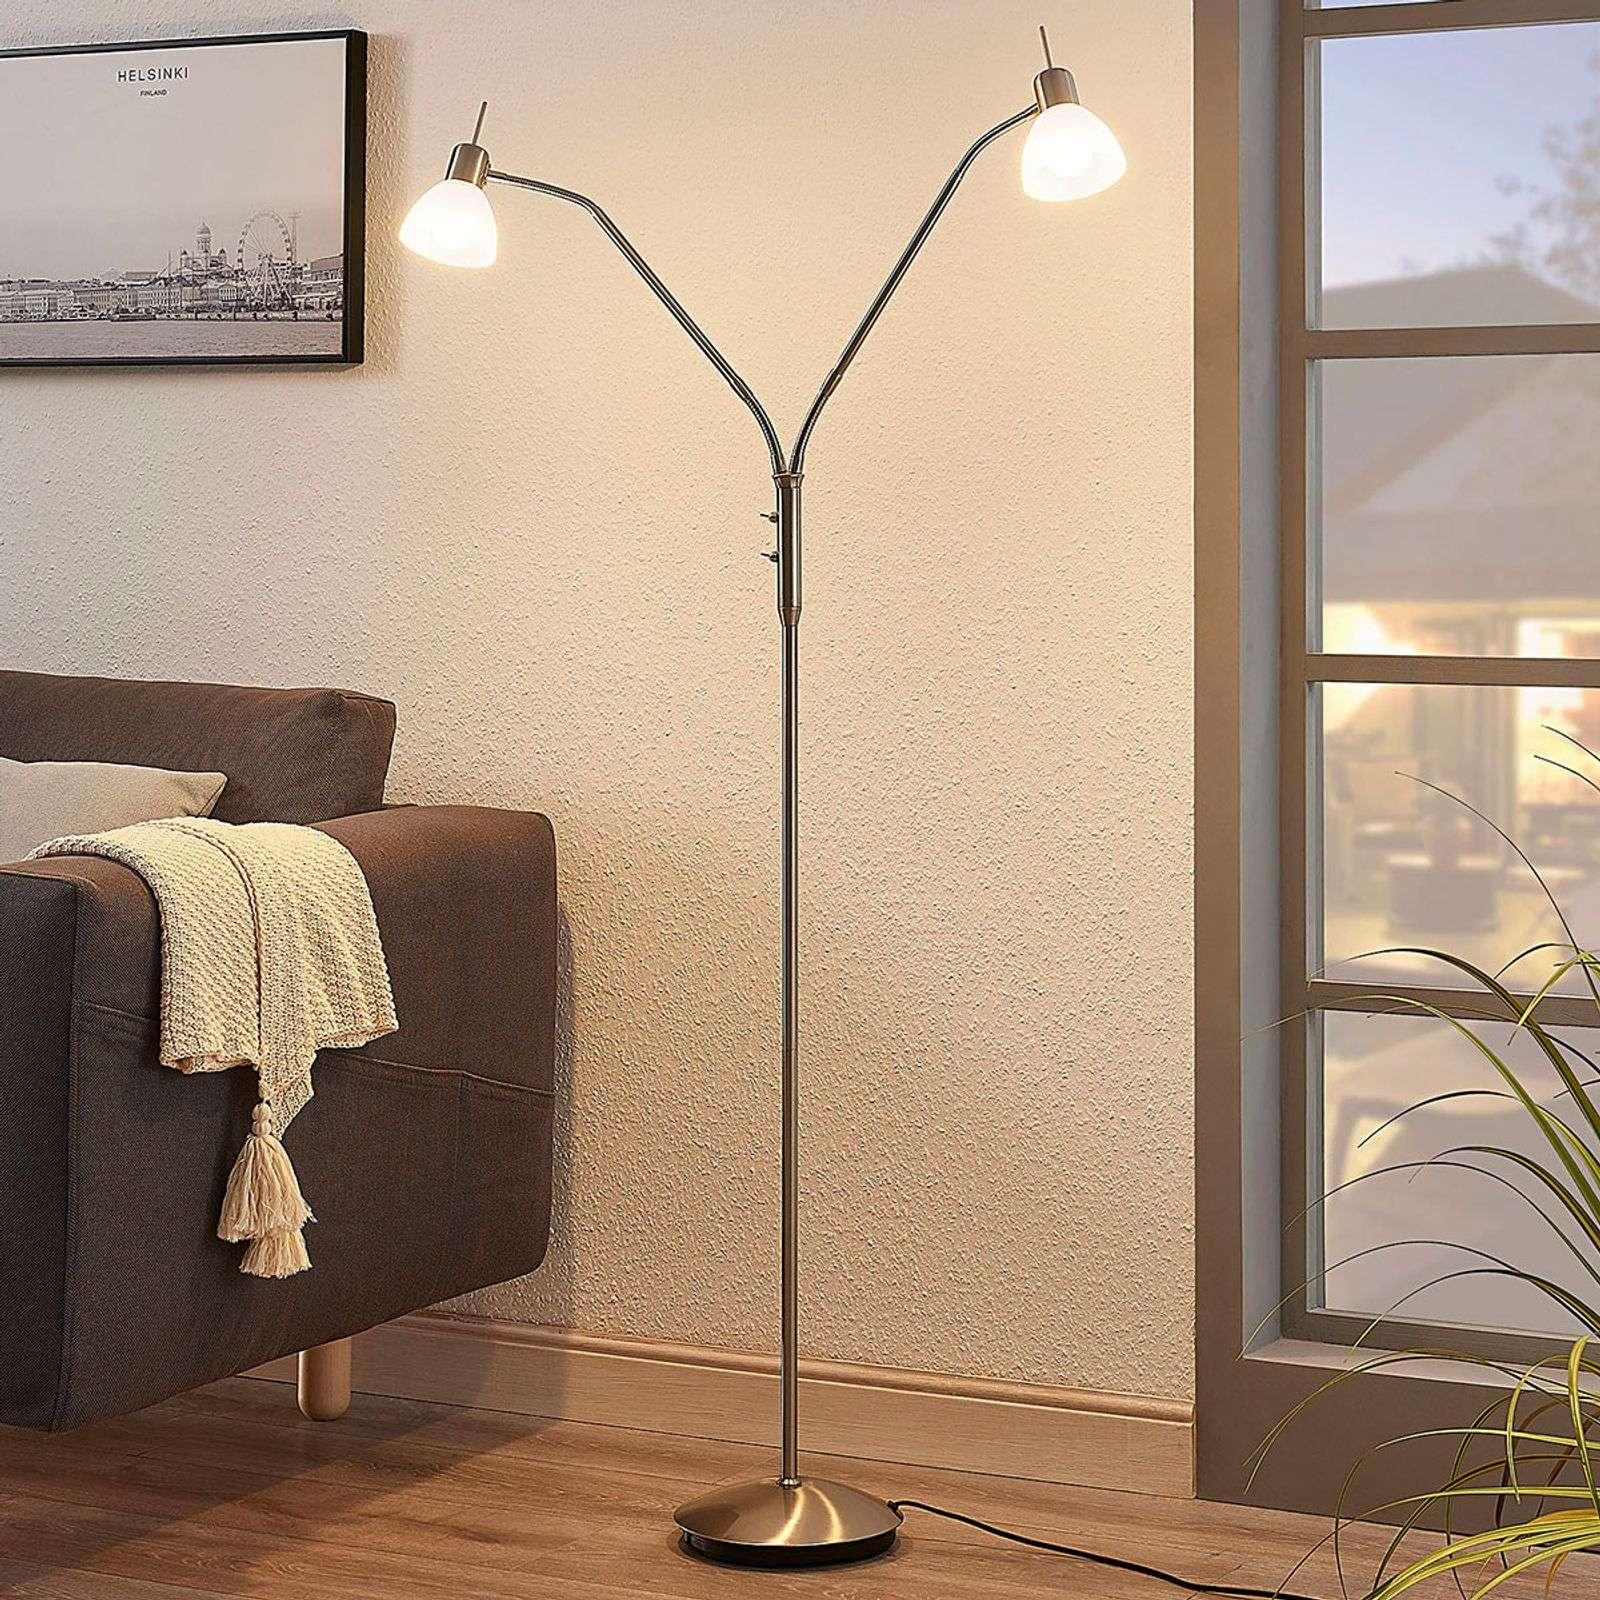 Full Size of Stehleuchte Wohnzimmer Leuchte Ikea Design Stehleuchten Modern Dimmbar Led Lampe Moderne Details Zu Gwendolin 2 Schirme Lampenwelt Leselampe Stehlampe Wohnzimmer Stehleuchte Wohnzimmer